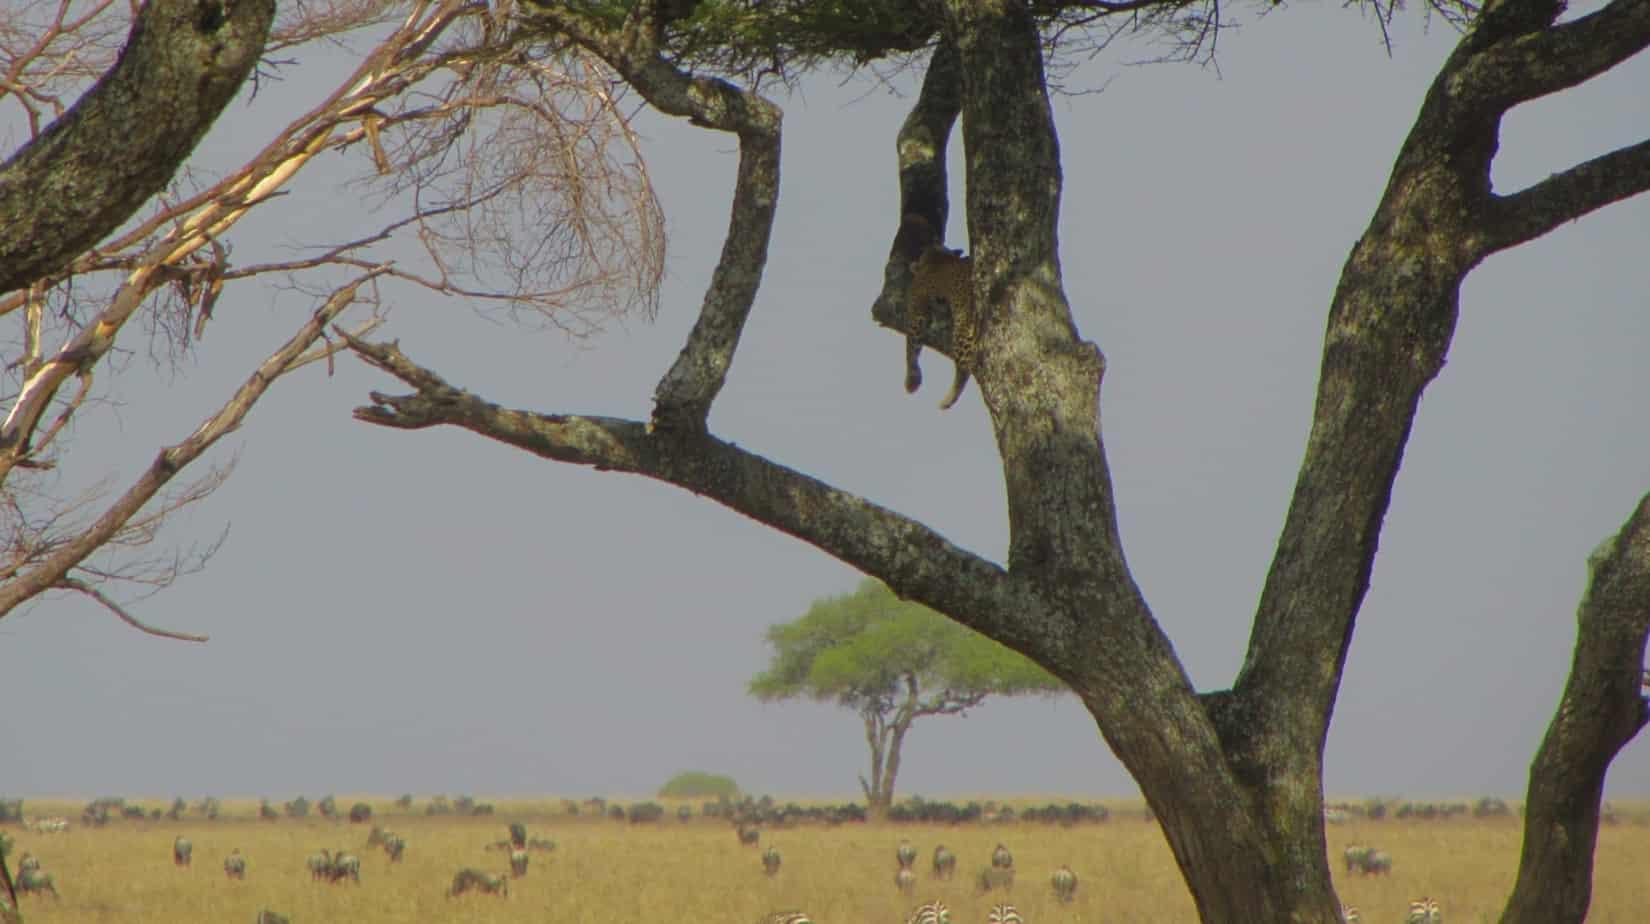 Leopard View